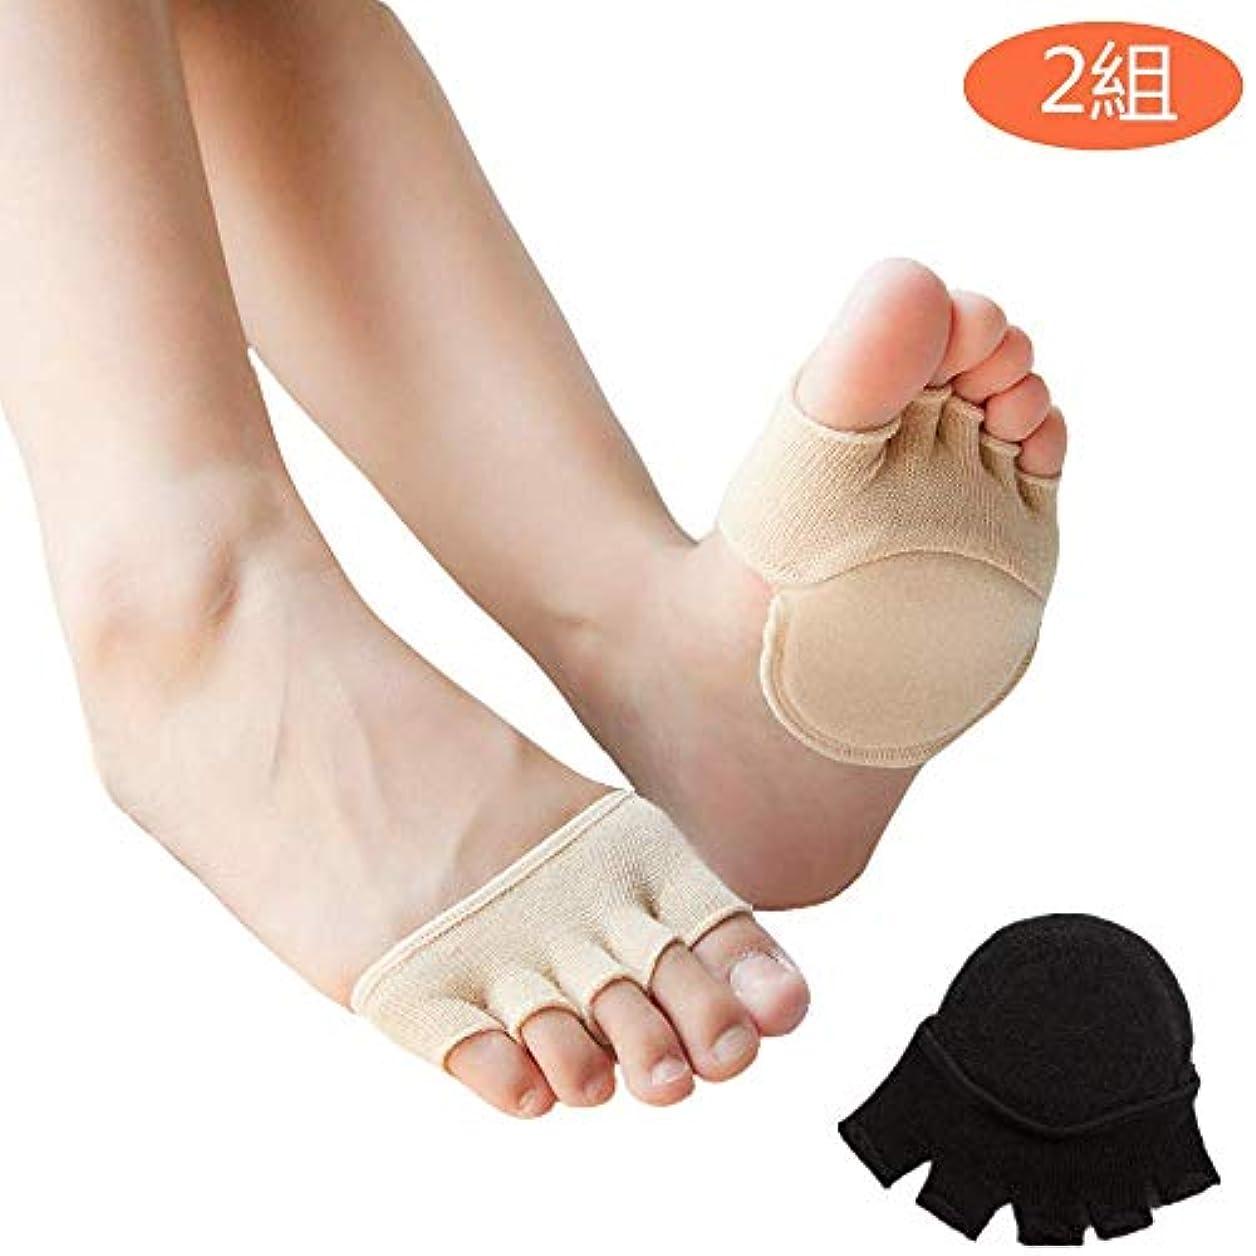 模索大統領先例つま先 5本指 足底クッション付き 前足サポーター 足の臭い対策 フットカバー ヨガ用靴下 浅い靴下半分つま先 夏 超薄型 (2組)